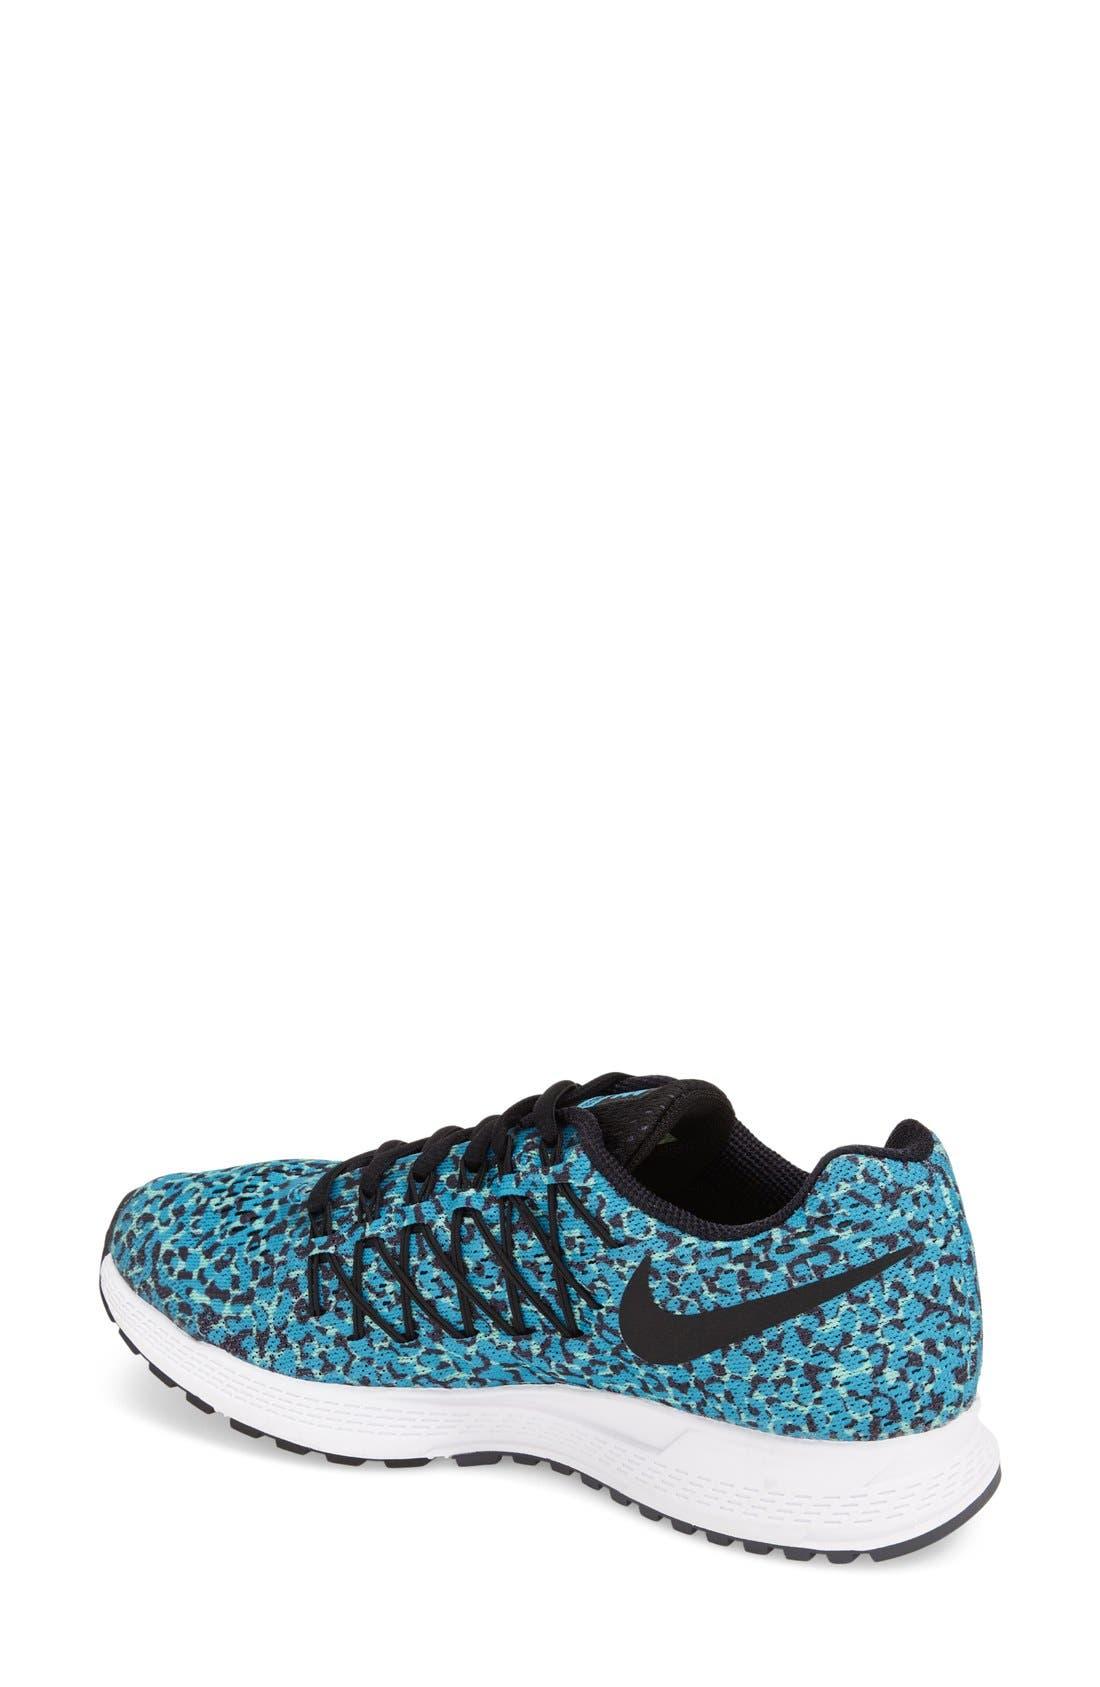 Alternate Image 2  - Nike 'Air Zoom Pegasus 32' Running Shoe (Women)